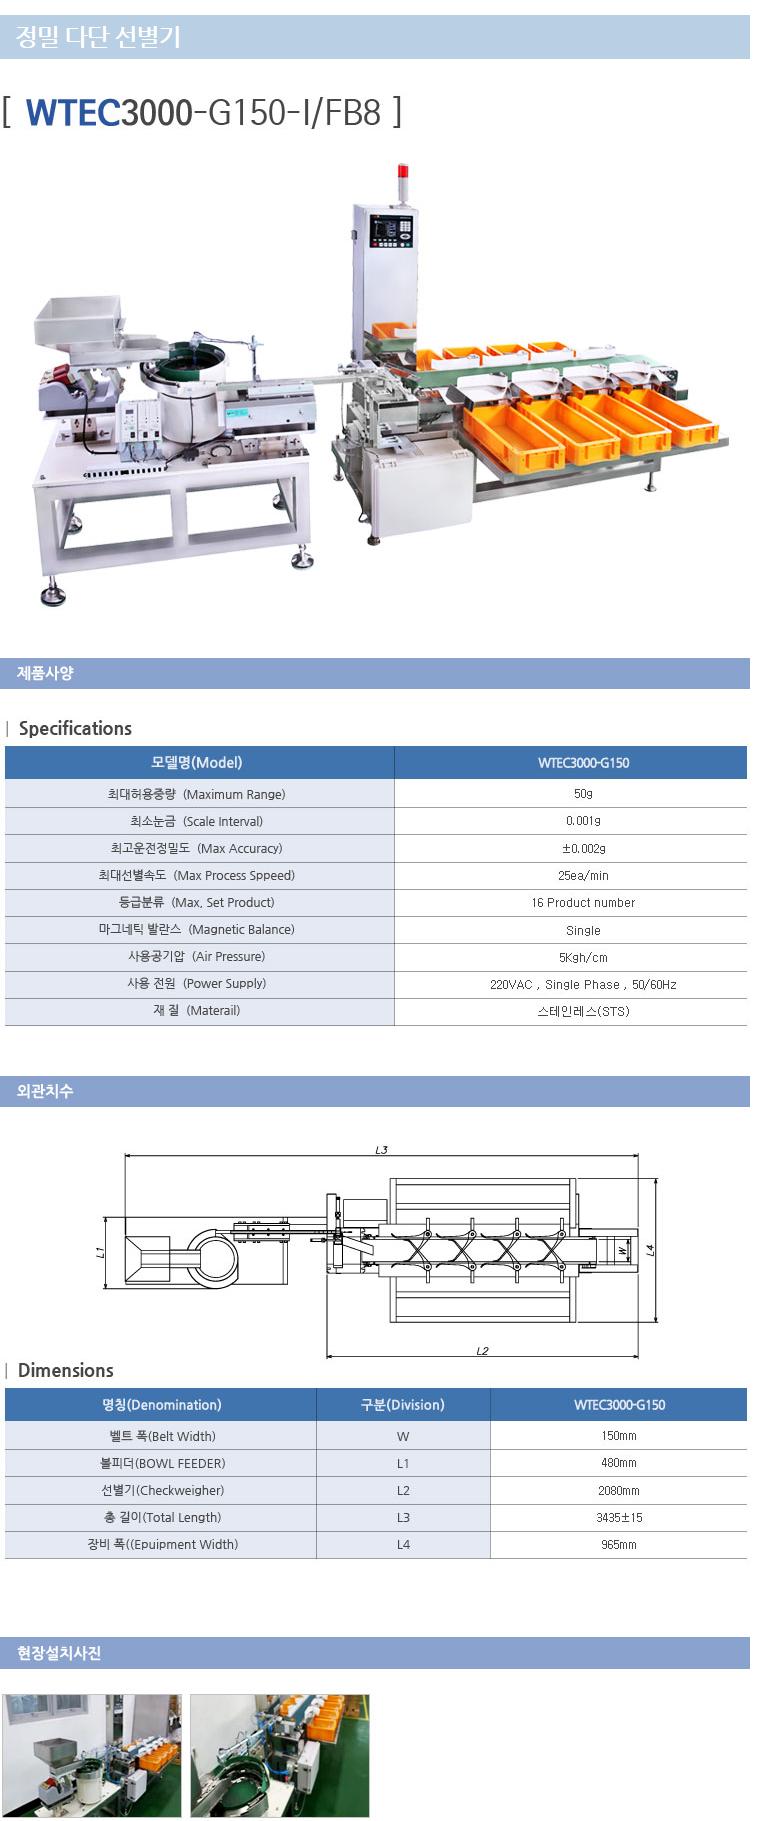 (주)웨이텍글로벌 정밀 다단 선별기 WTEC3000-G150